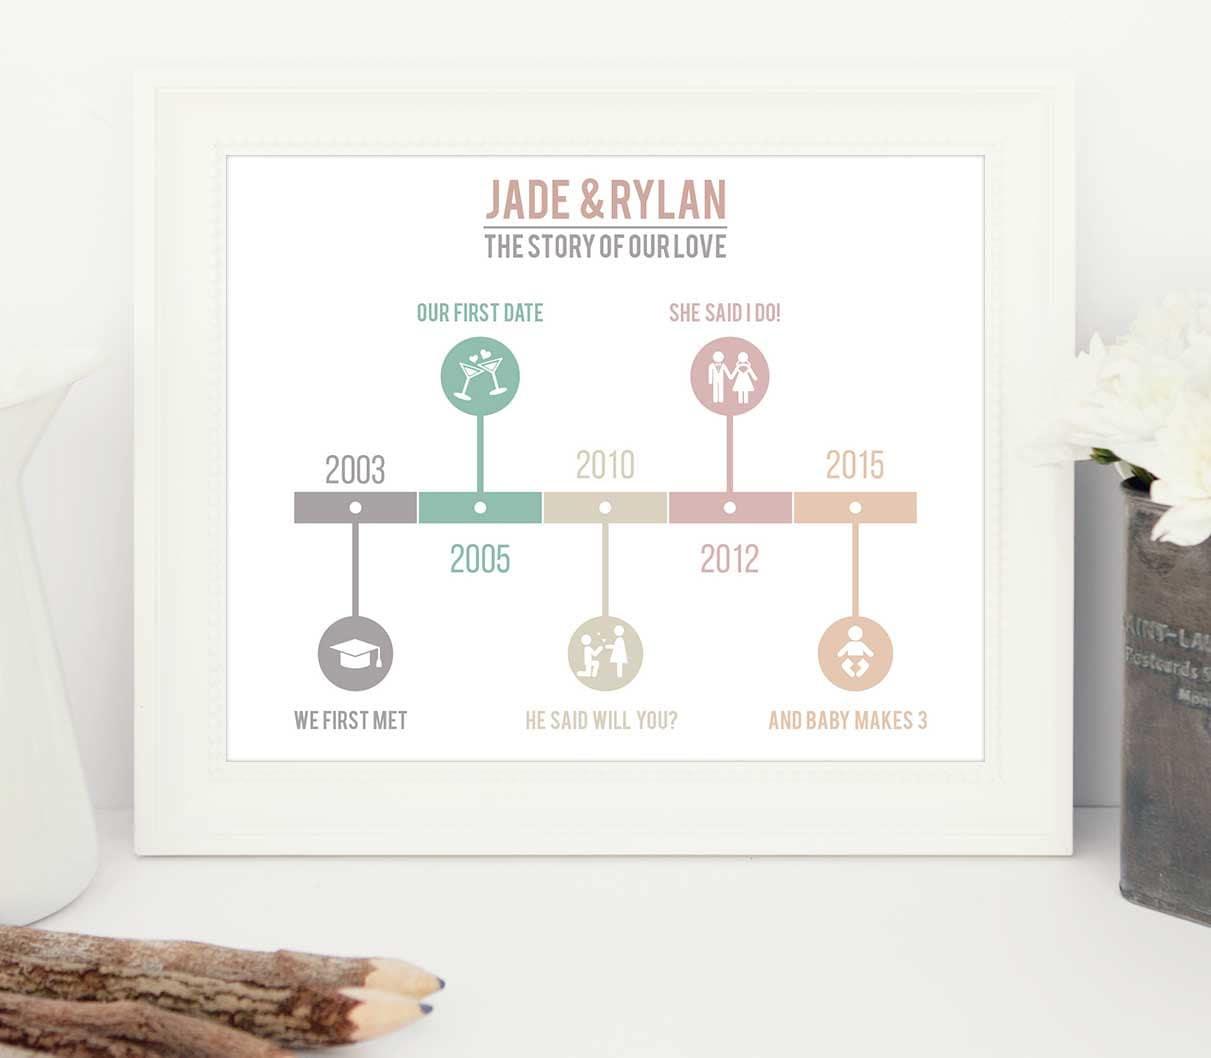 Timeline for adult dating relationships